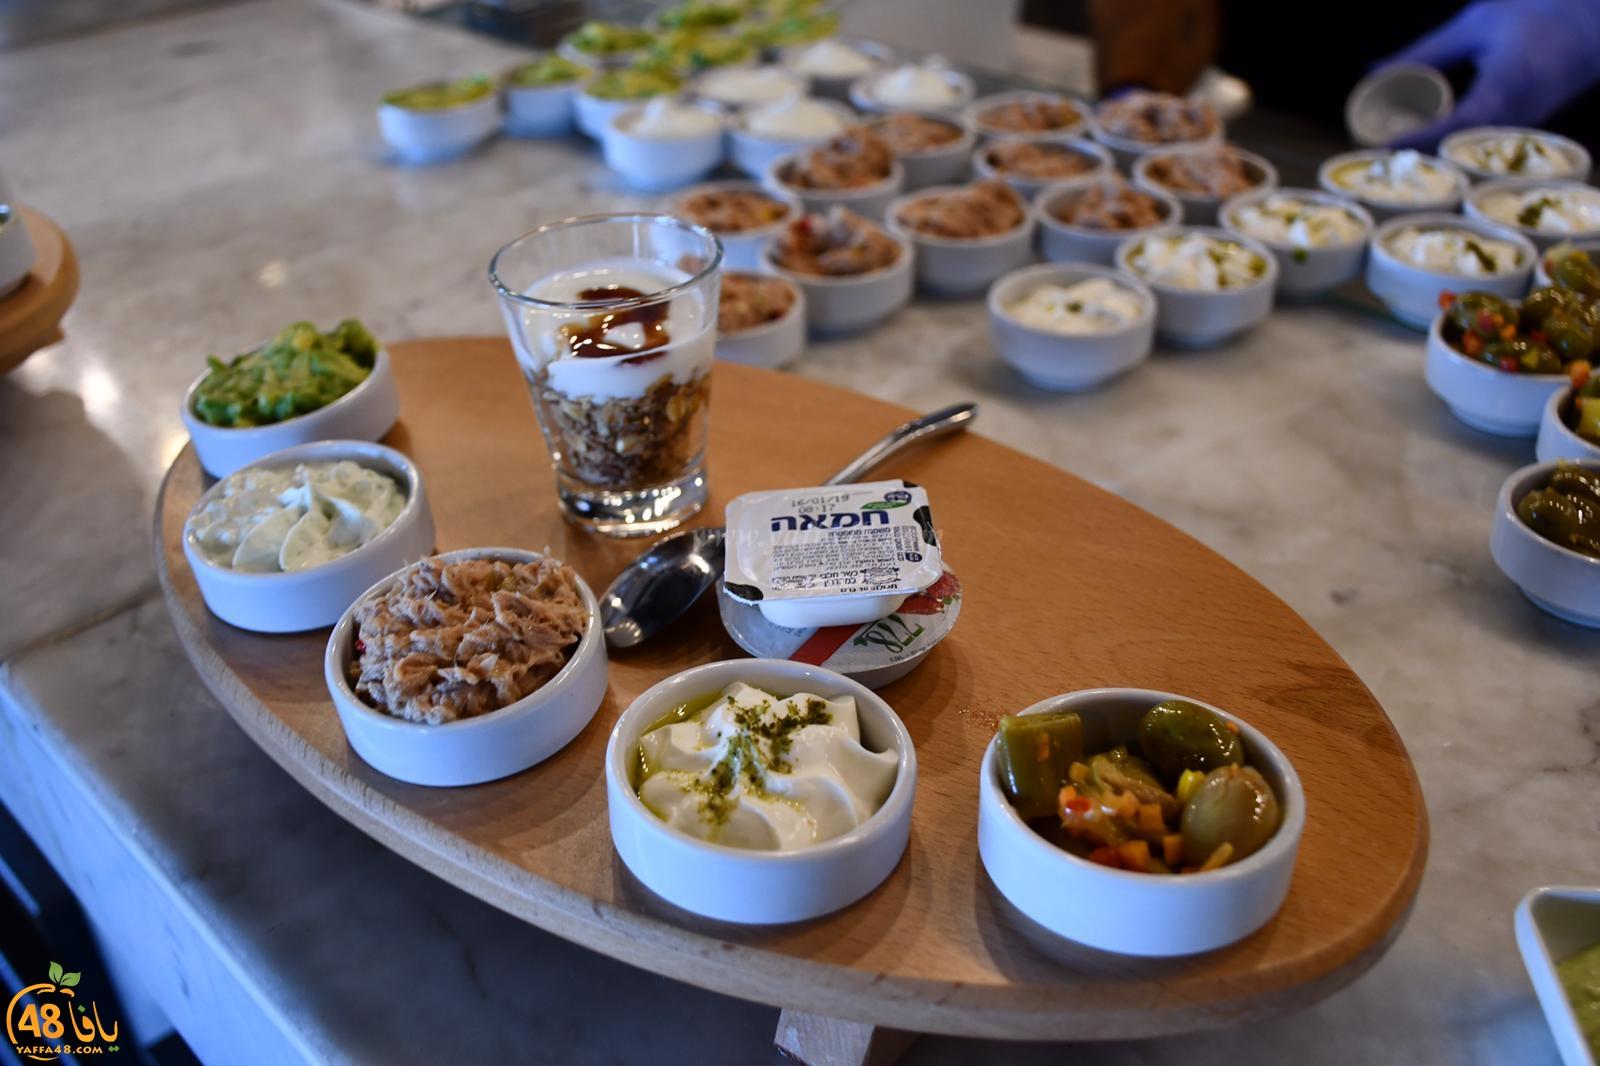 تشكيلة واسعة وغنية لوجبات الافطار الصباحية في مطعم صقلية بميناء يافا